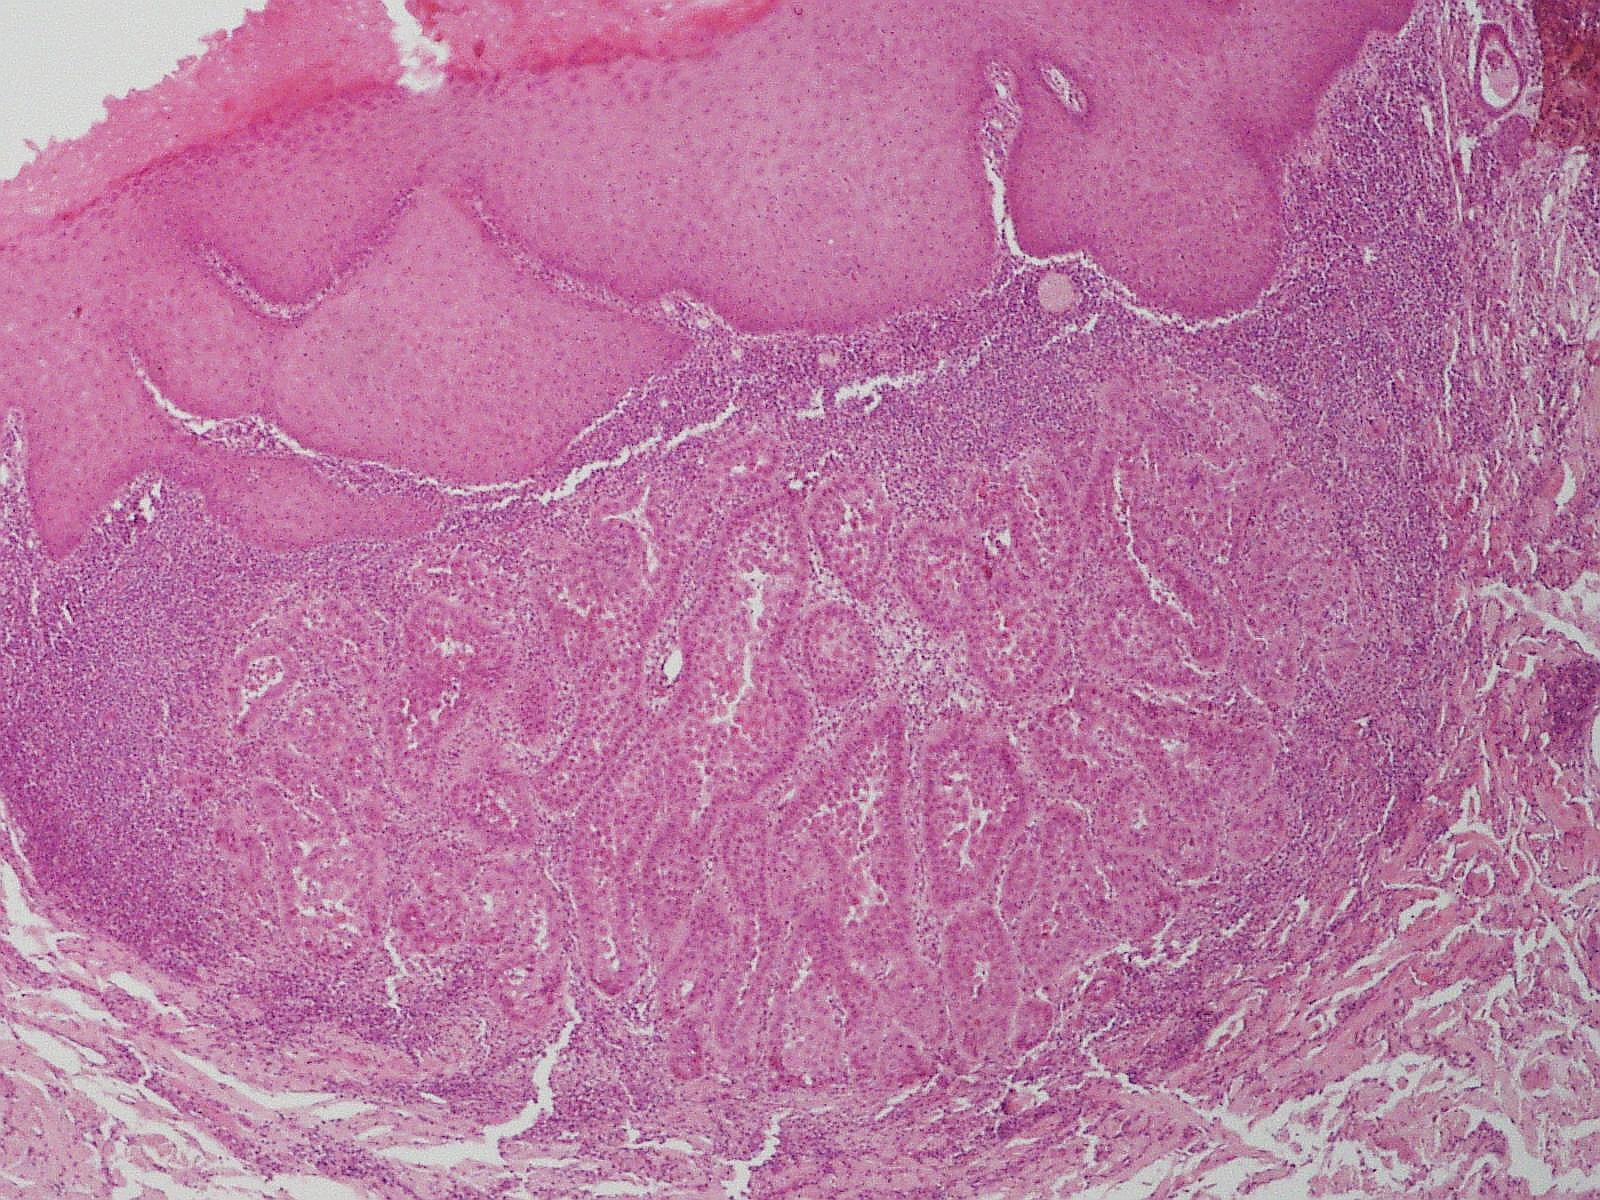 Warty dyskeratoma - Wikipedia